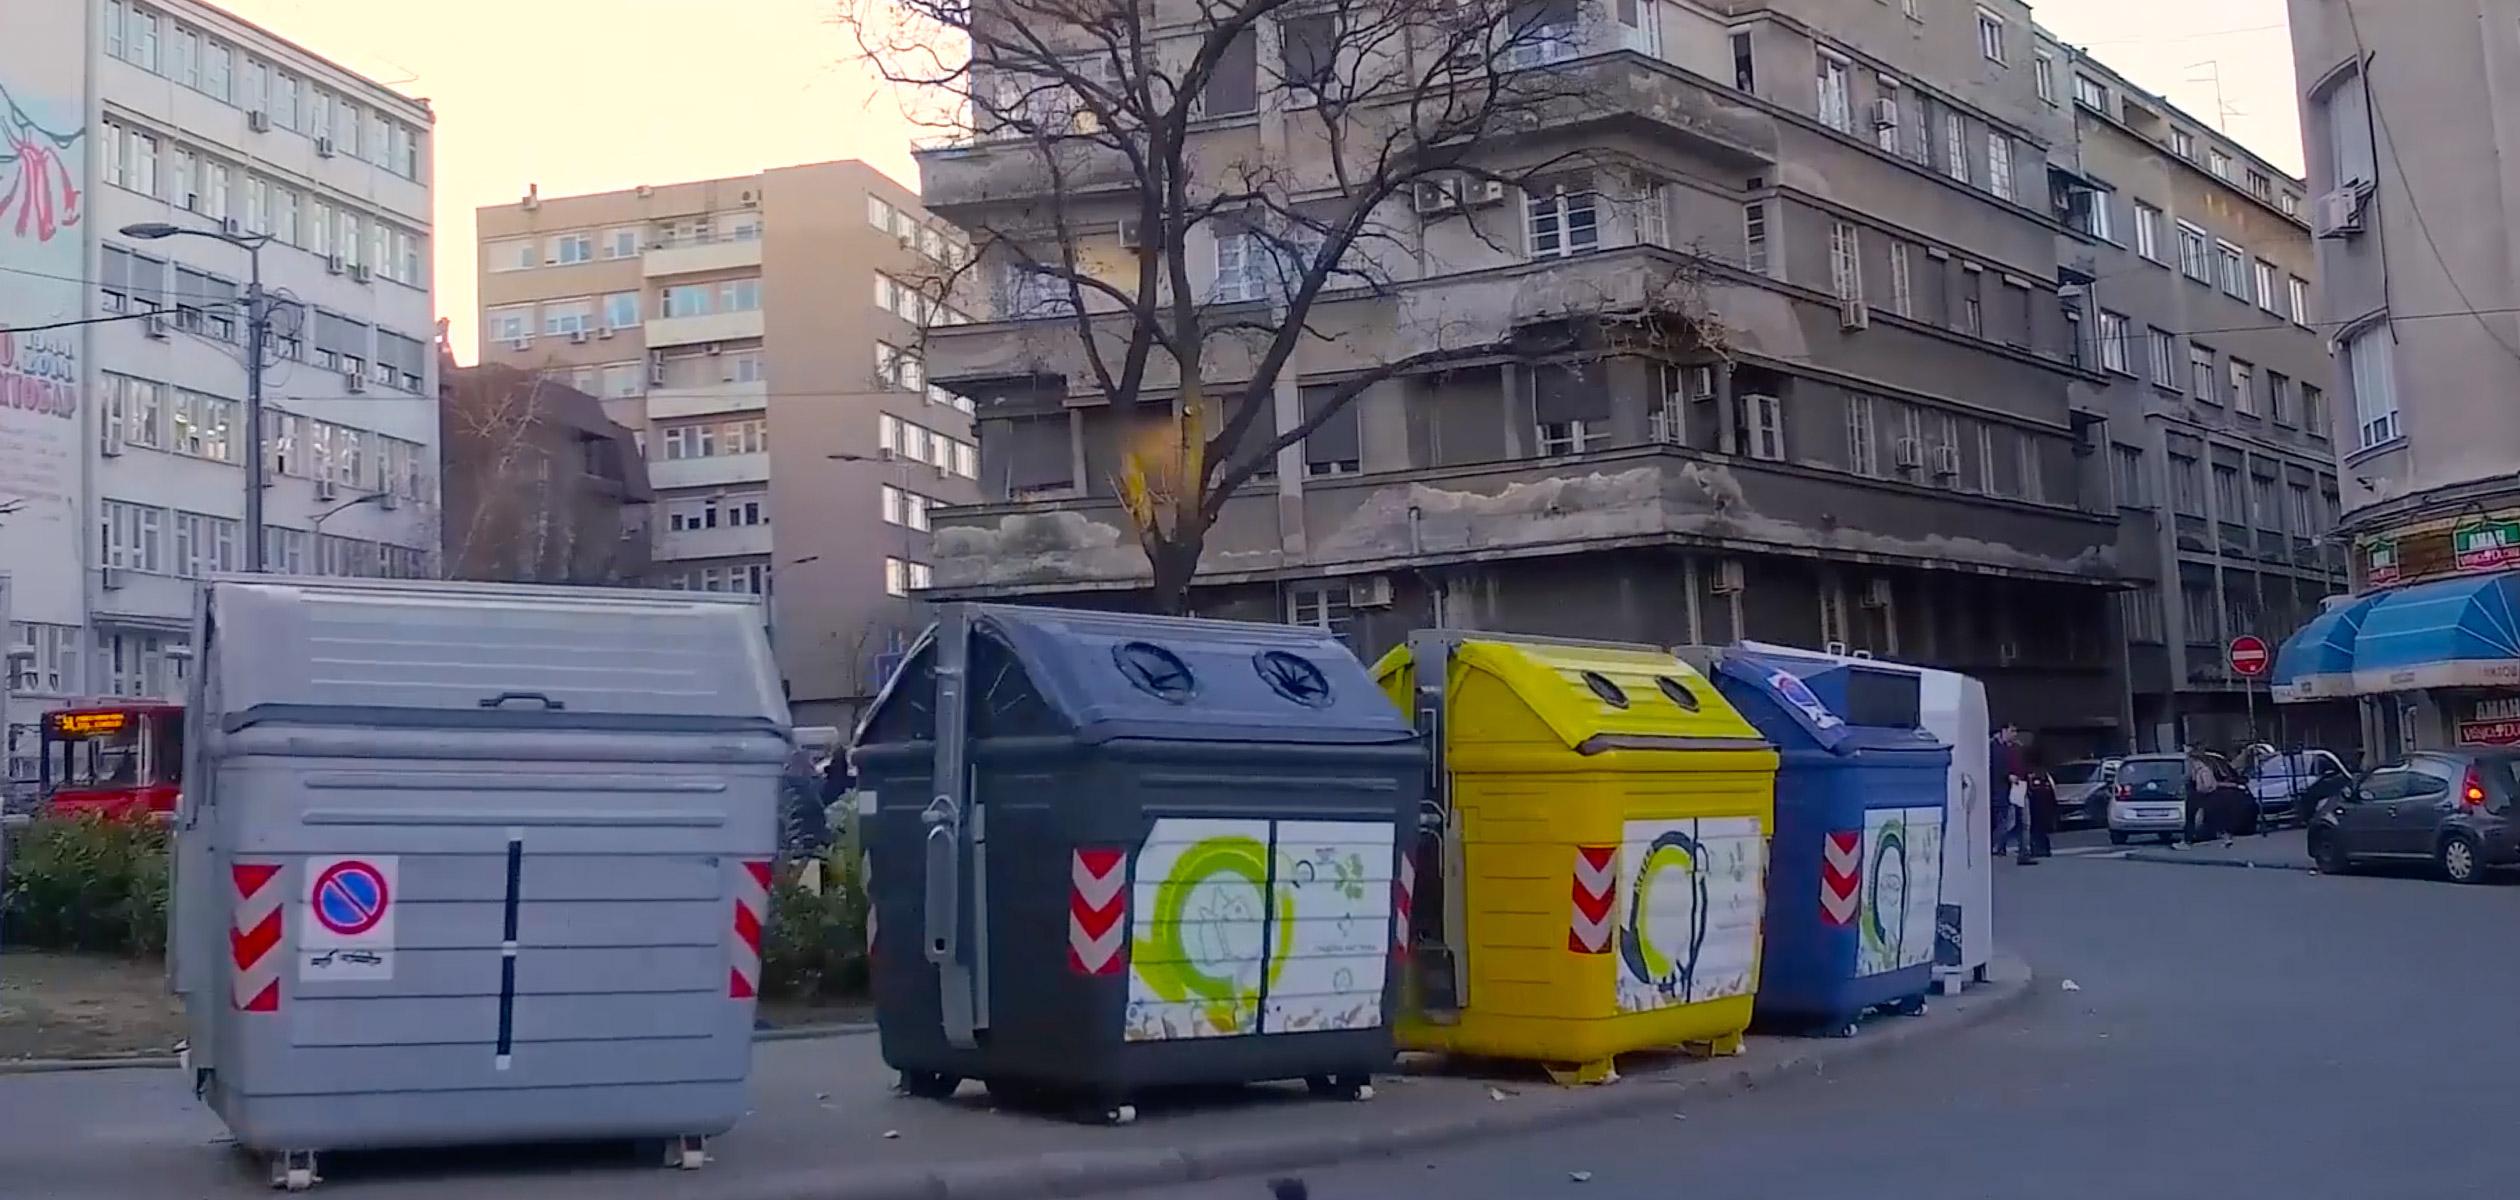 kontejneri-u-gradu.jpg